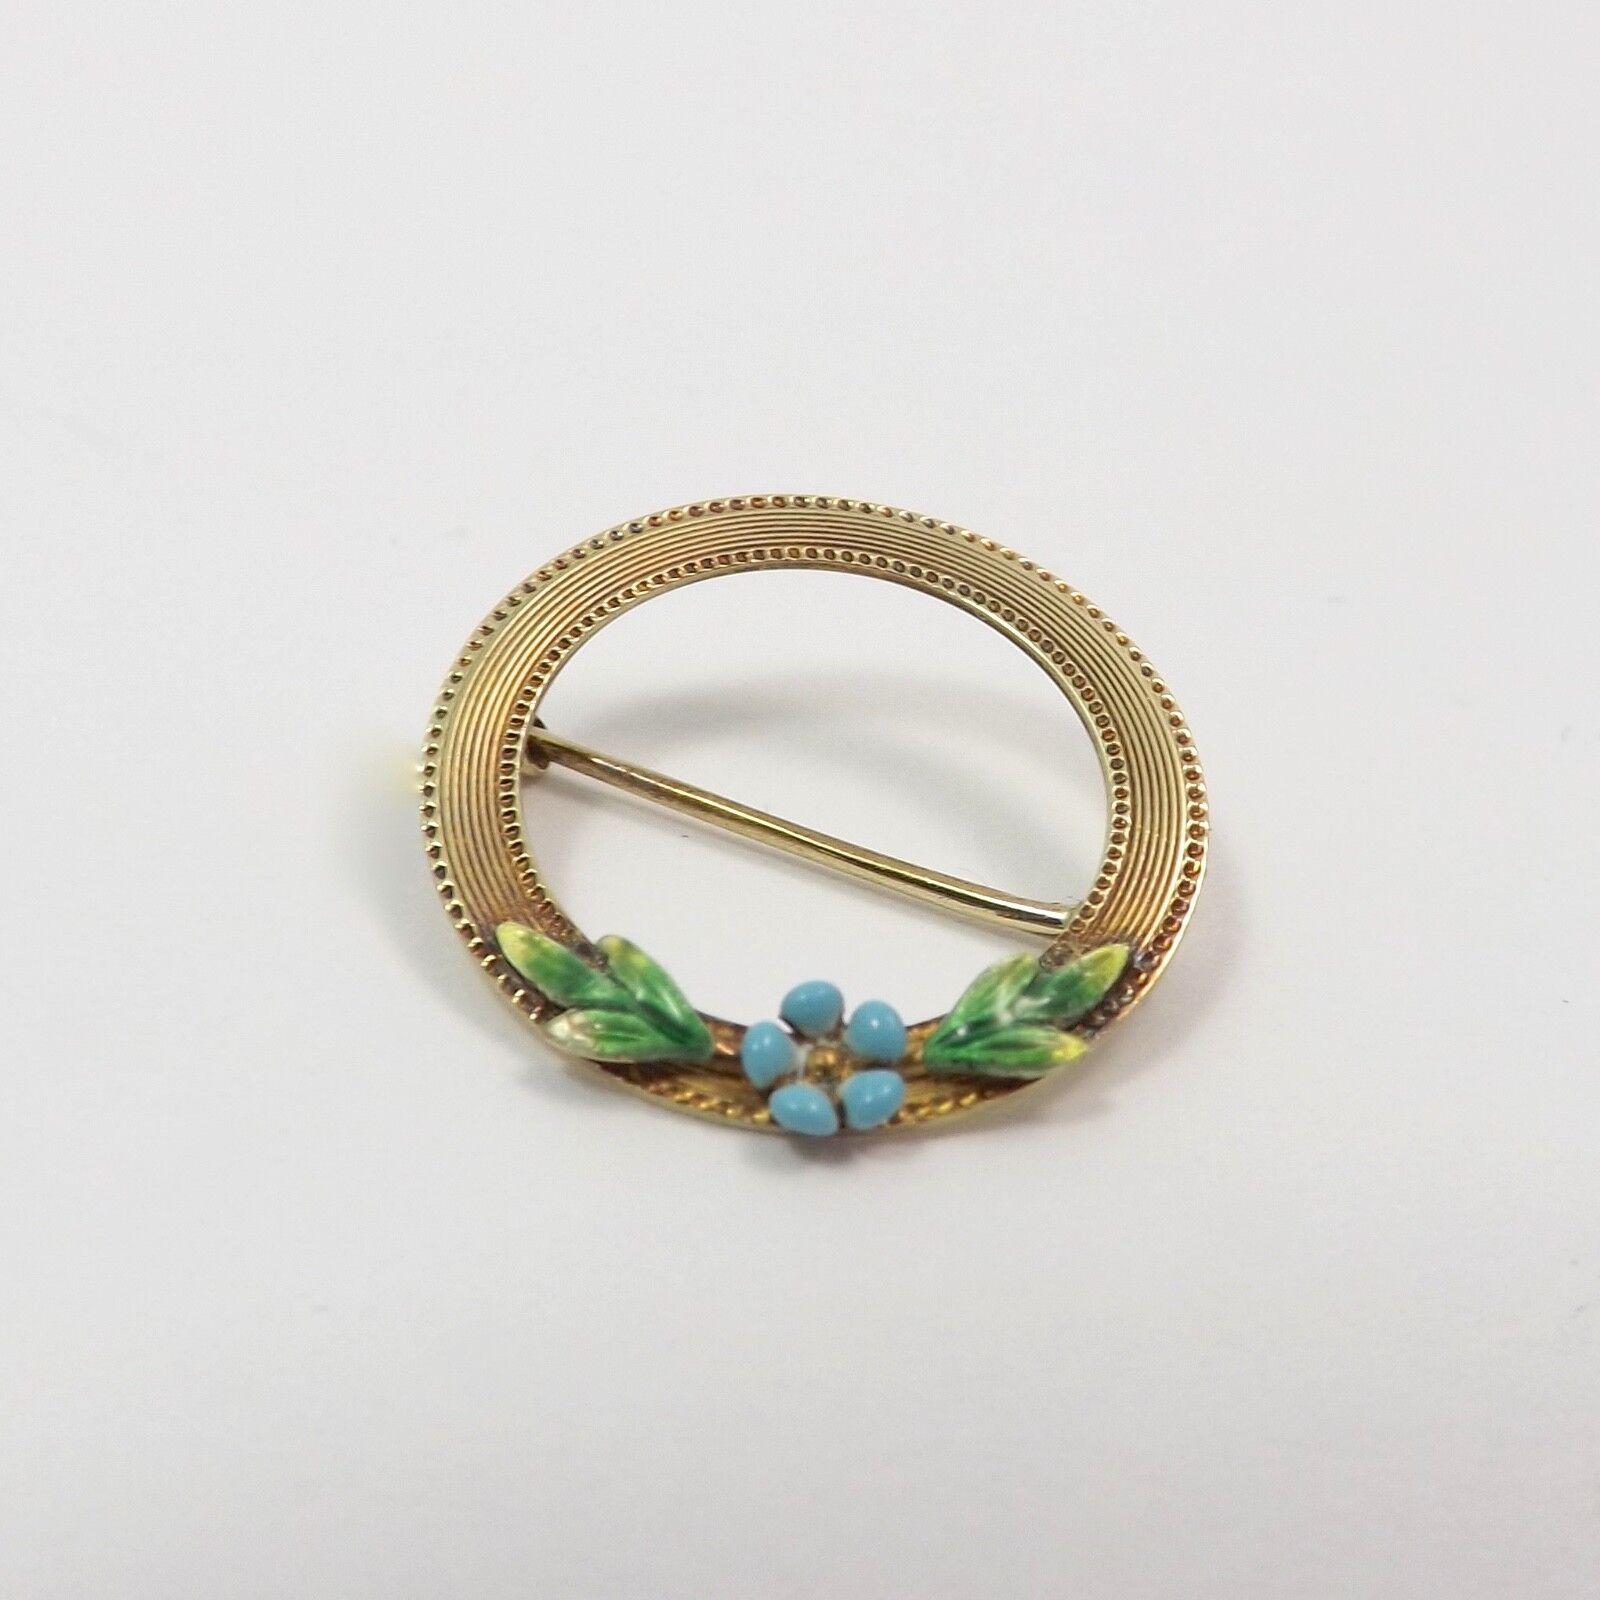 Art Nouveau14K gold Enamel Flower Wreathe Brooch Pin Whimsical